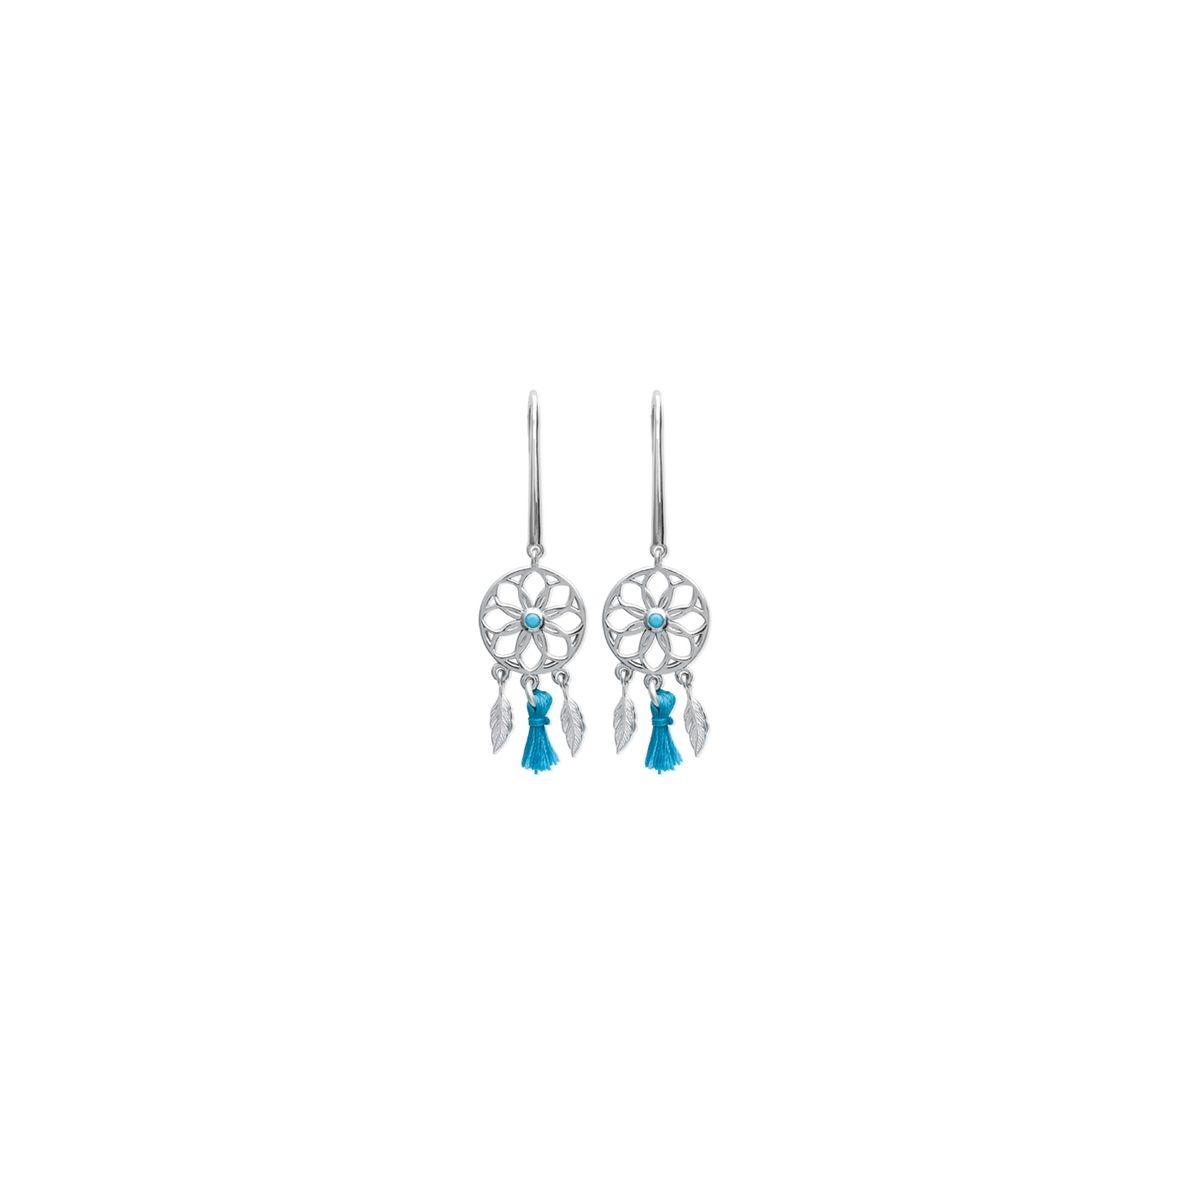 Boucles d'oreilles pendantes 'Attrape Rêve et pompoms bleus'